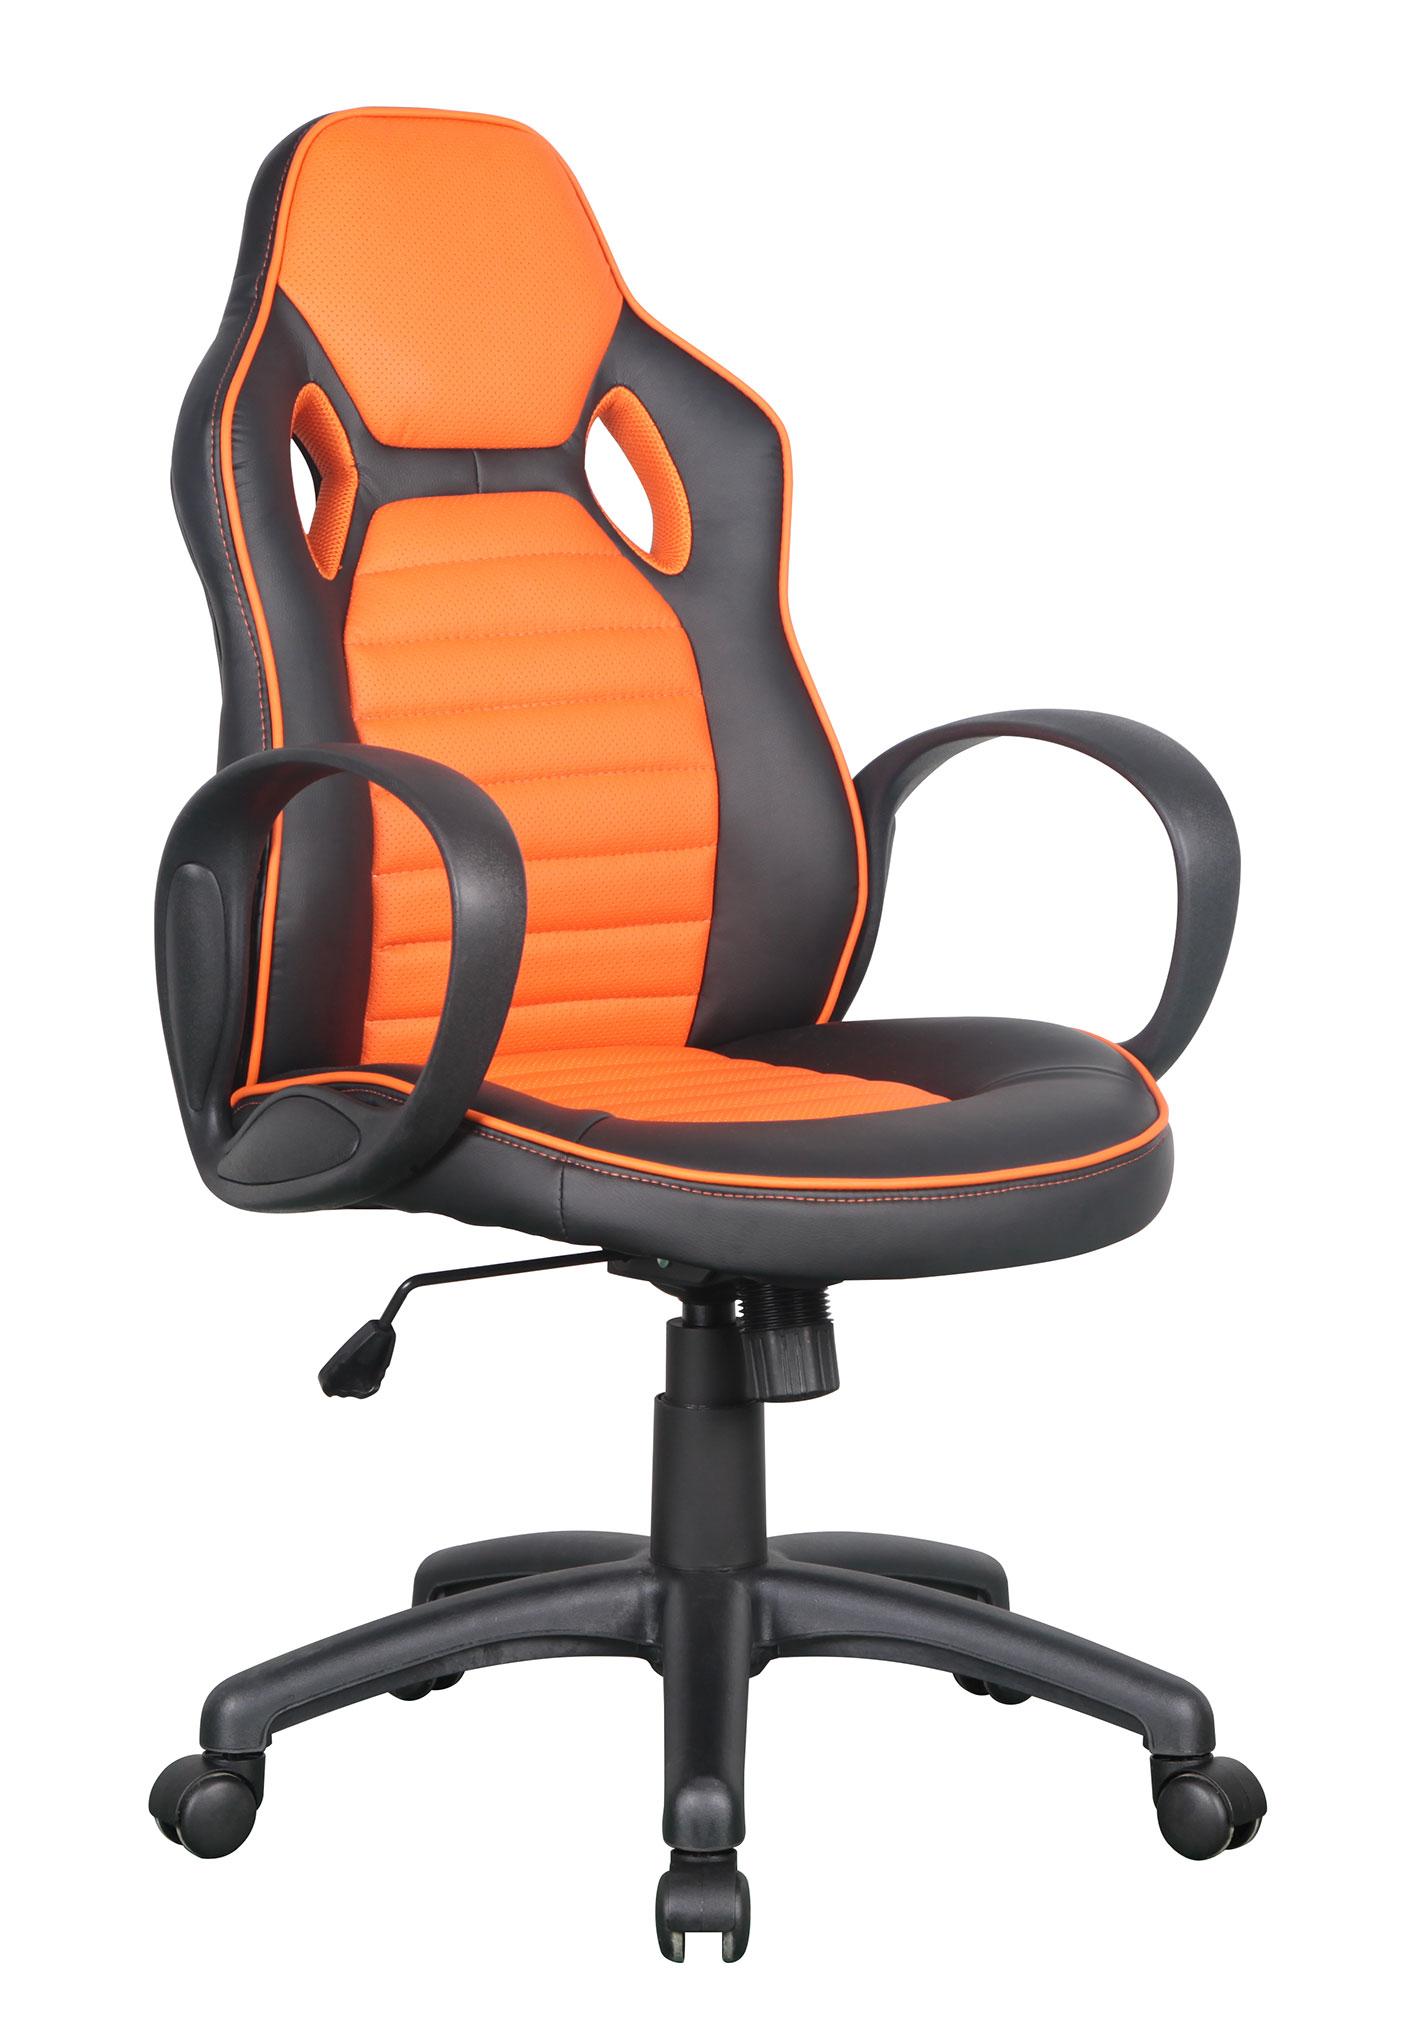 Sixbros racing silla de oficina silla giratoria for Silla de oficina racing